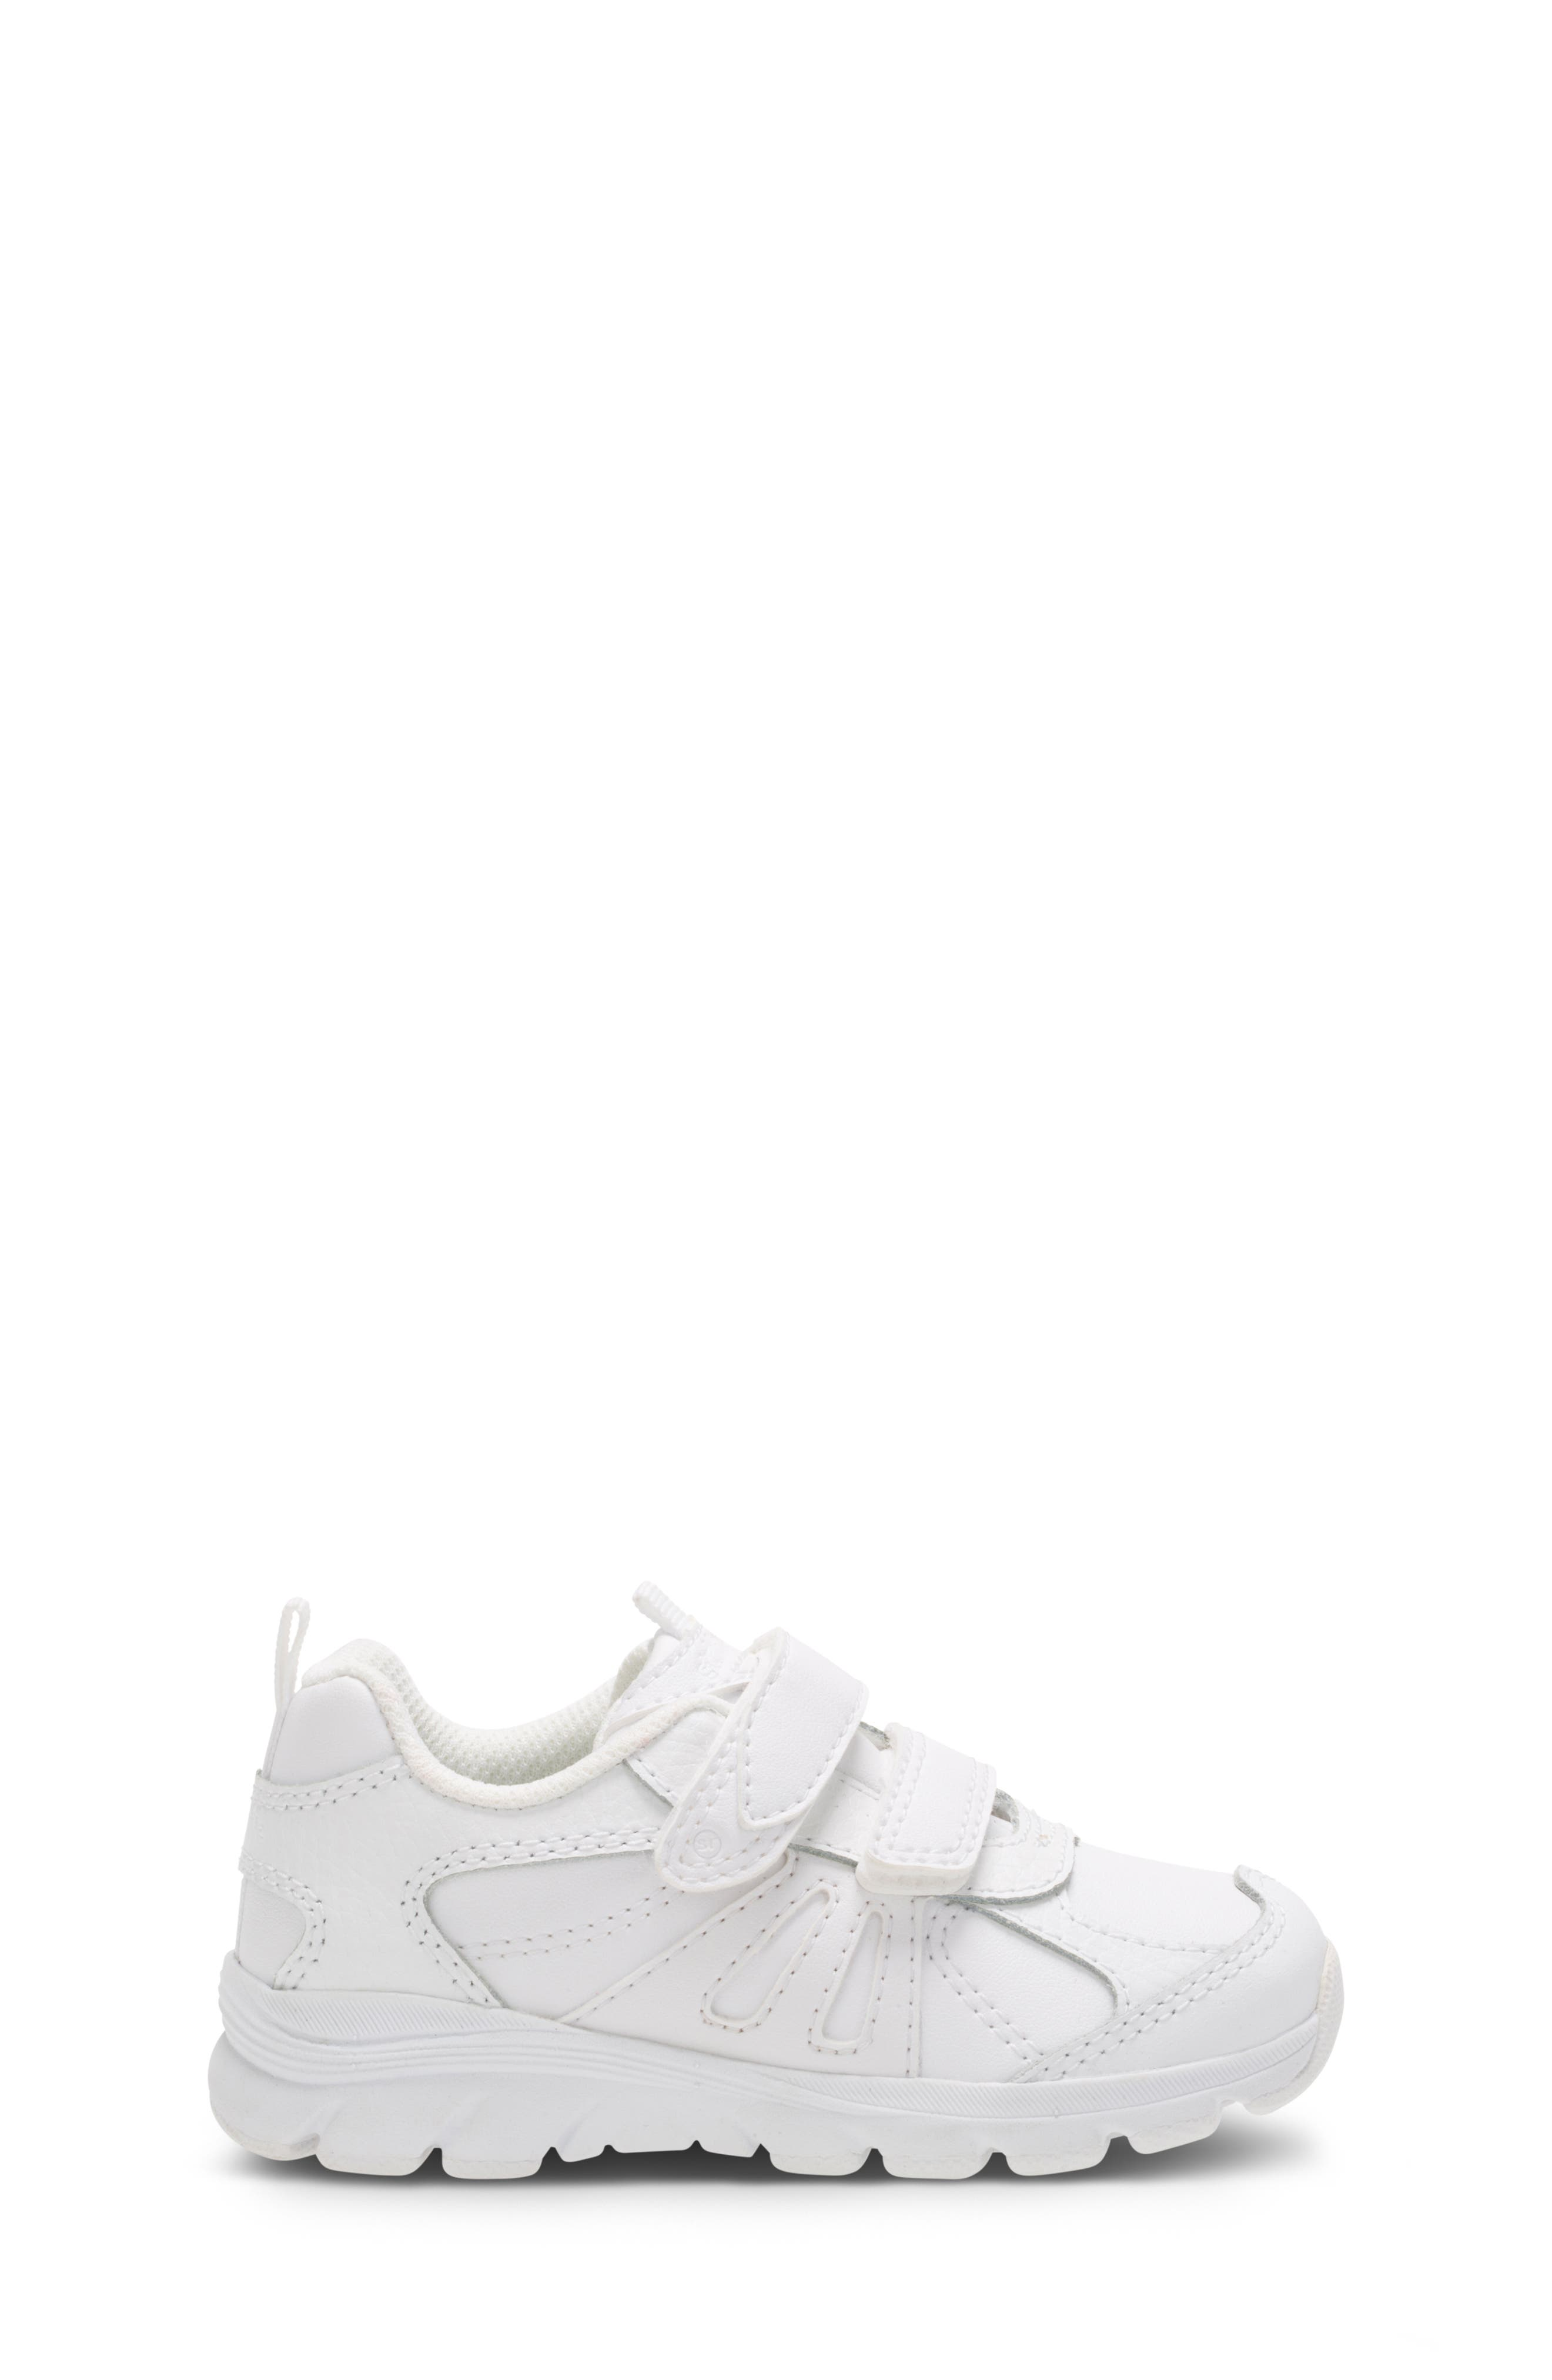 Cooper 2.0 Sneaker,                             Alternate thumbnail 3, color,                             WHITE